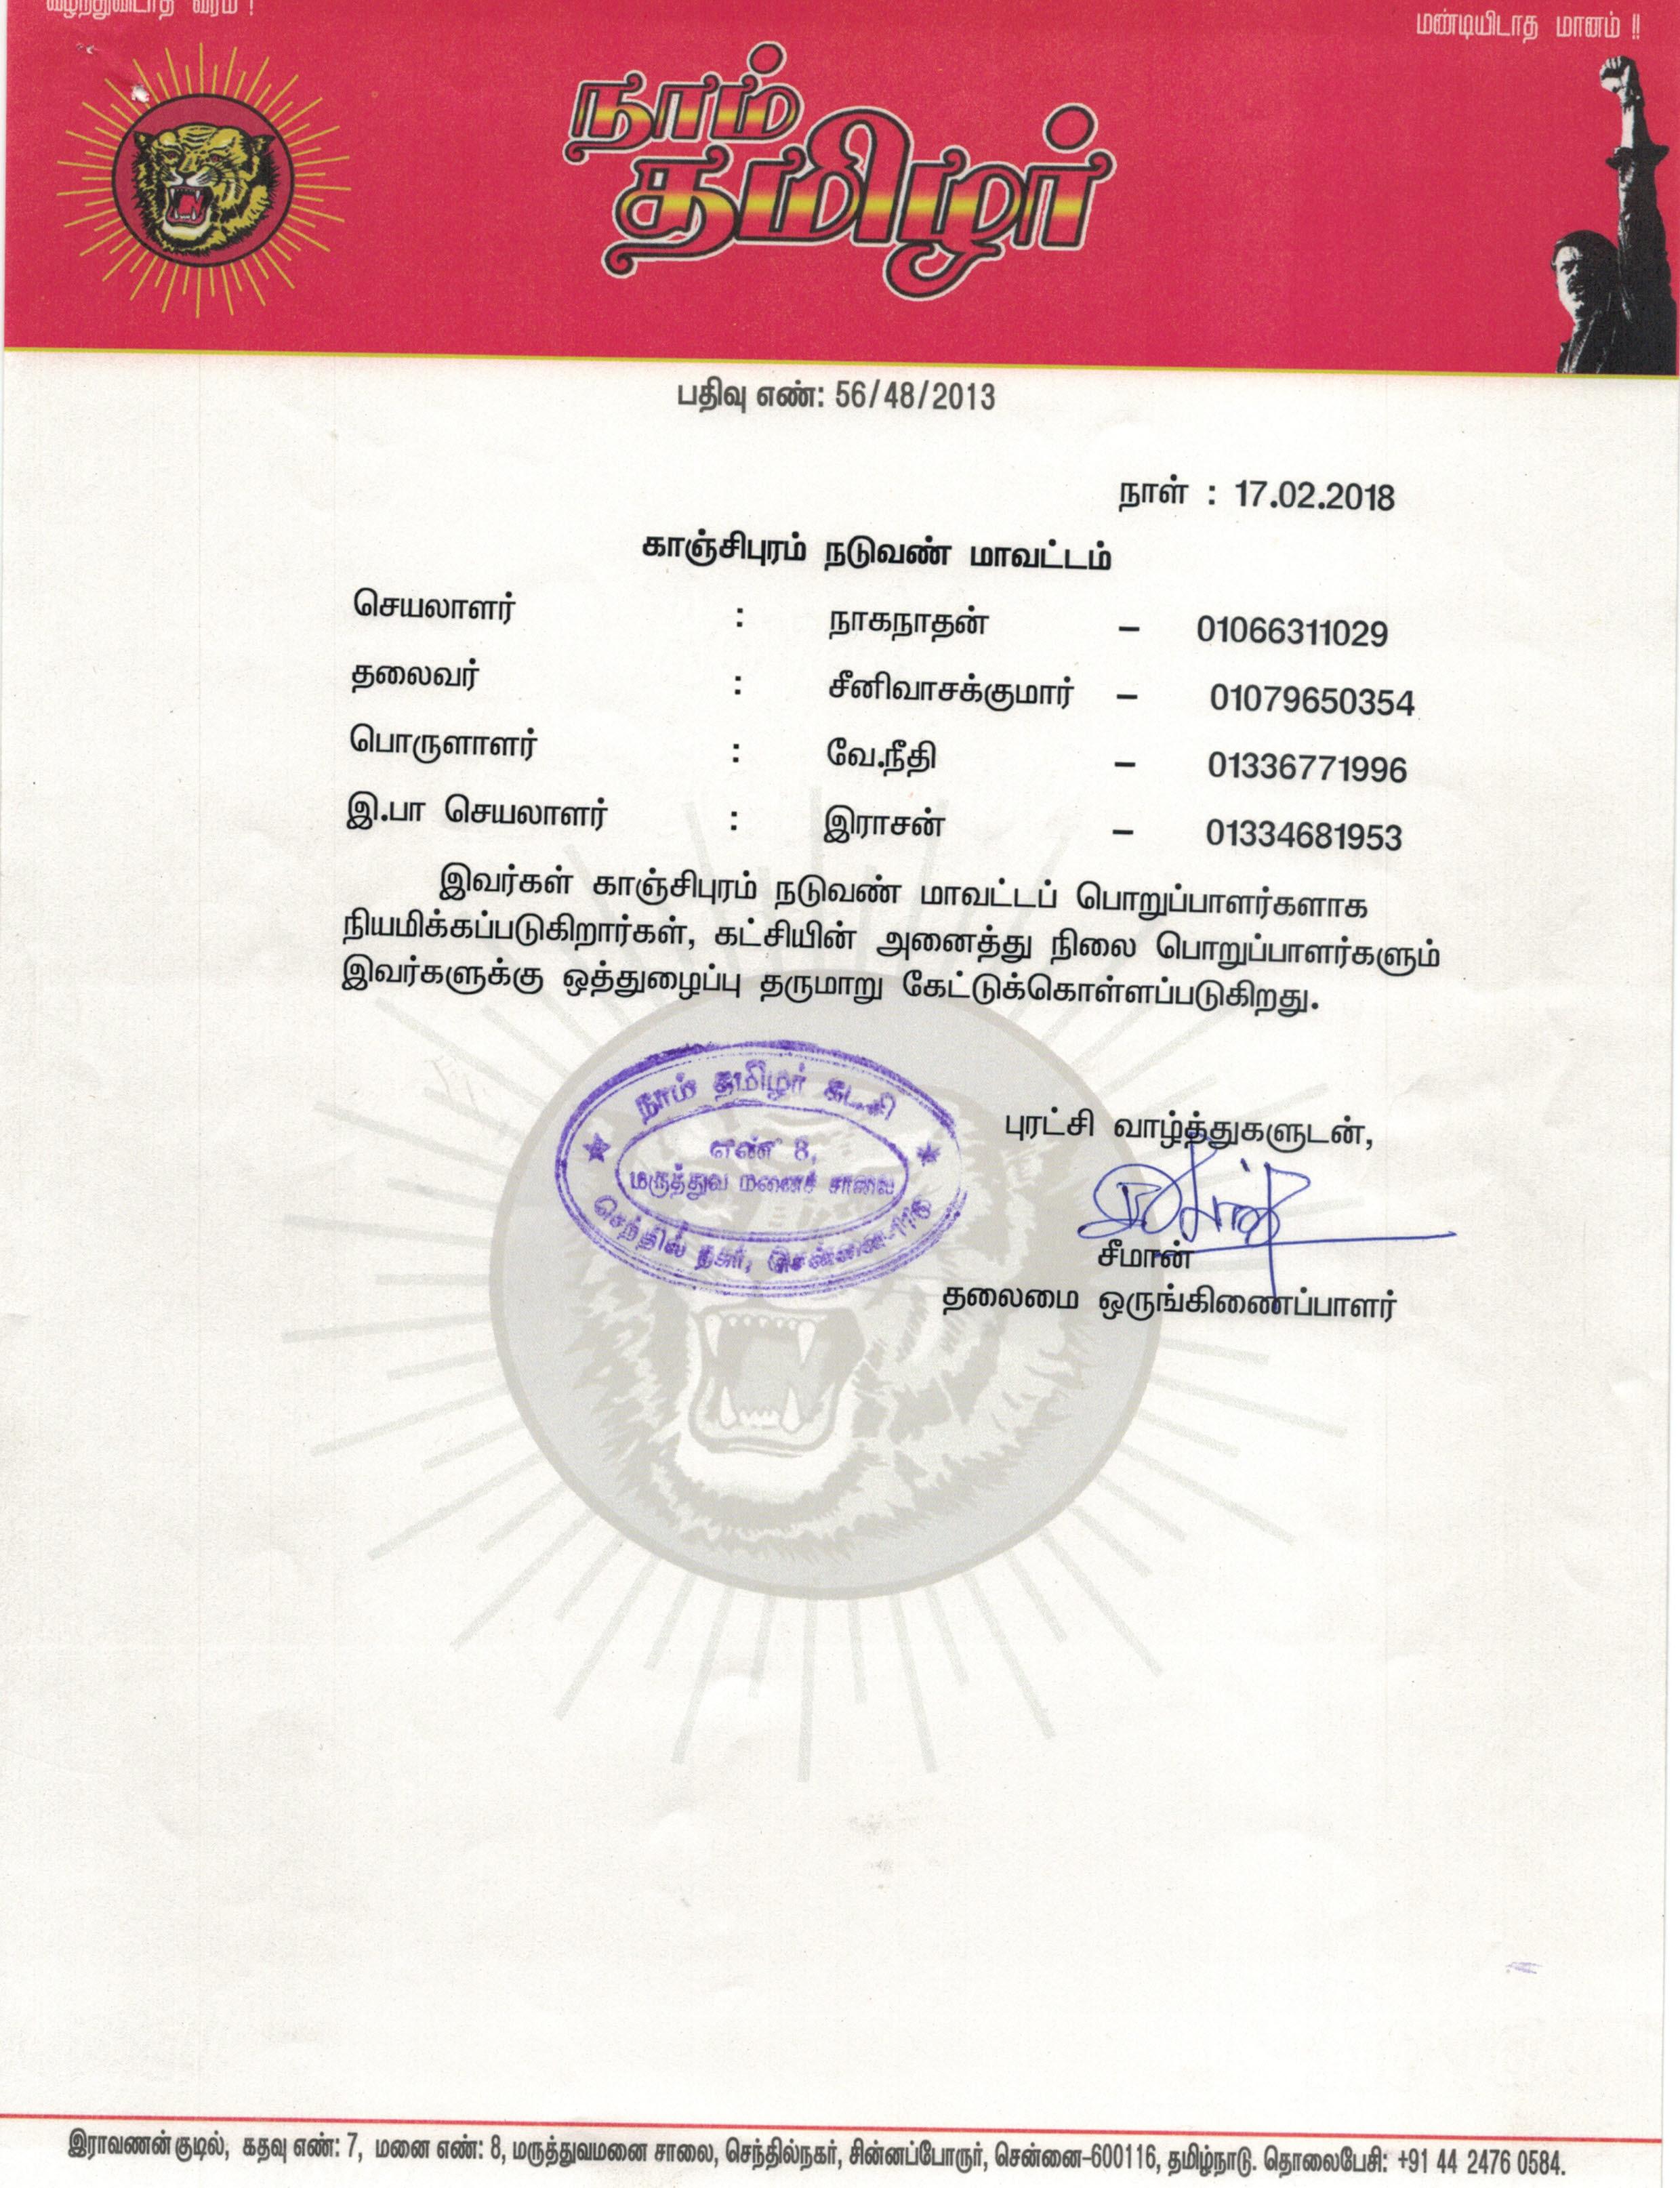 மாவட்டப் பொறுப்பாளர்களுடன் சீமான் சந்திப்பு மற்றும் புதிய நிர்வாகிகள் நியமனம் – (காஞ்சிபுரம் : கிழக்கு மண்டலம் ) seeman announced kanjipuram center district naam tamilar katchi authorities 2018